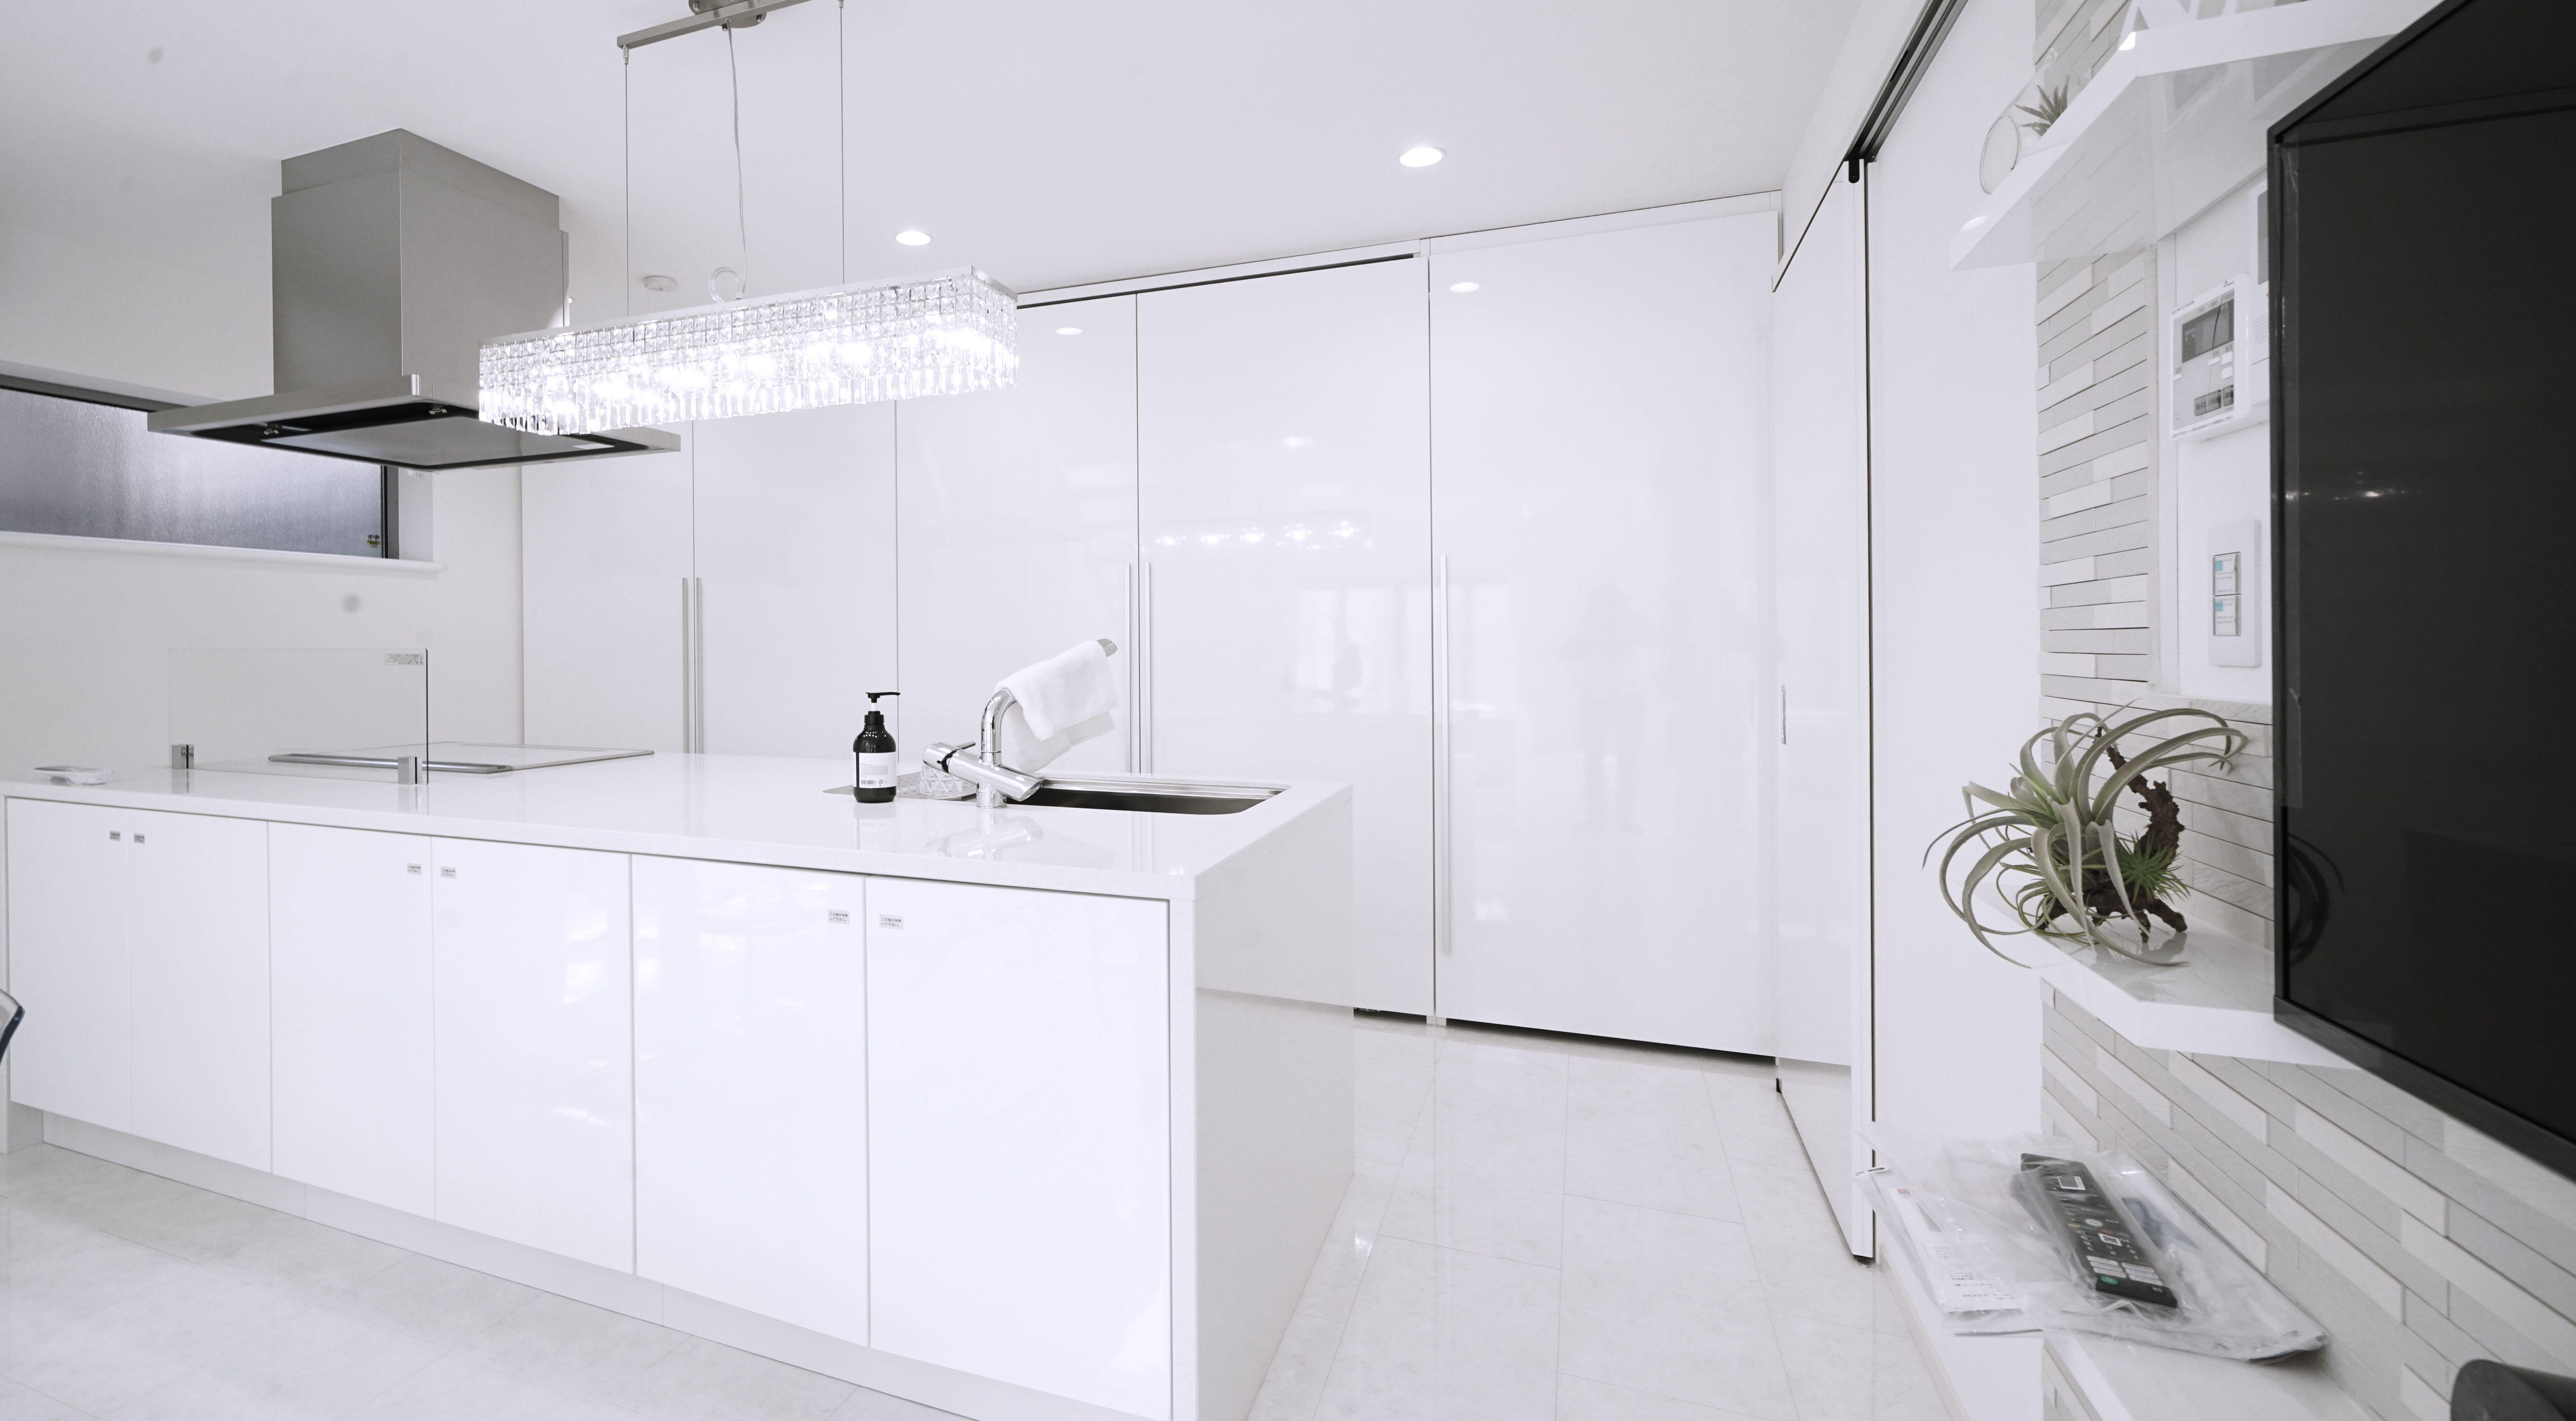 アイランドキッチン 収納 白 鏡面 フラット 引き戸 リビング